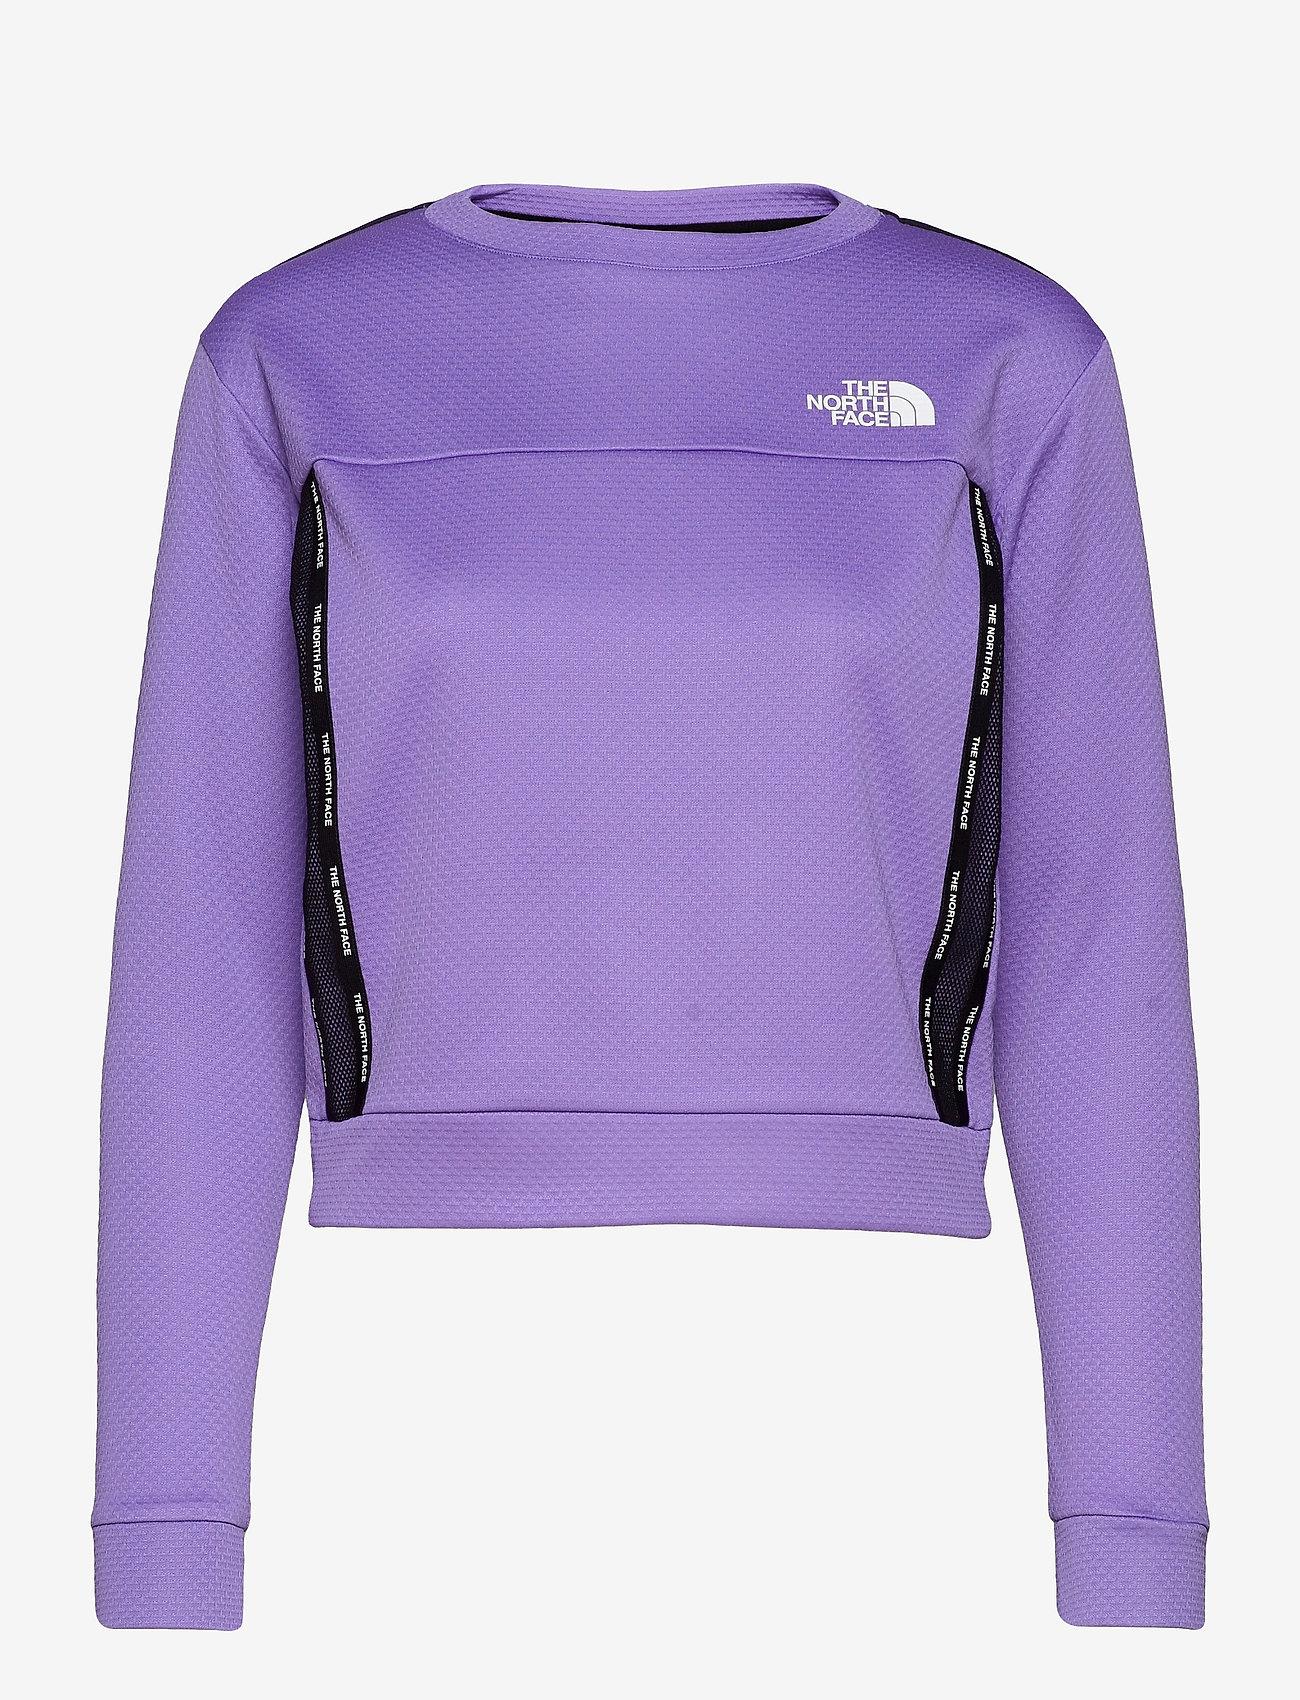 The North Face - W MA PULLOVER - EU - fleece - pop purple - 0